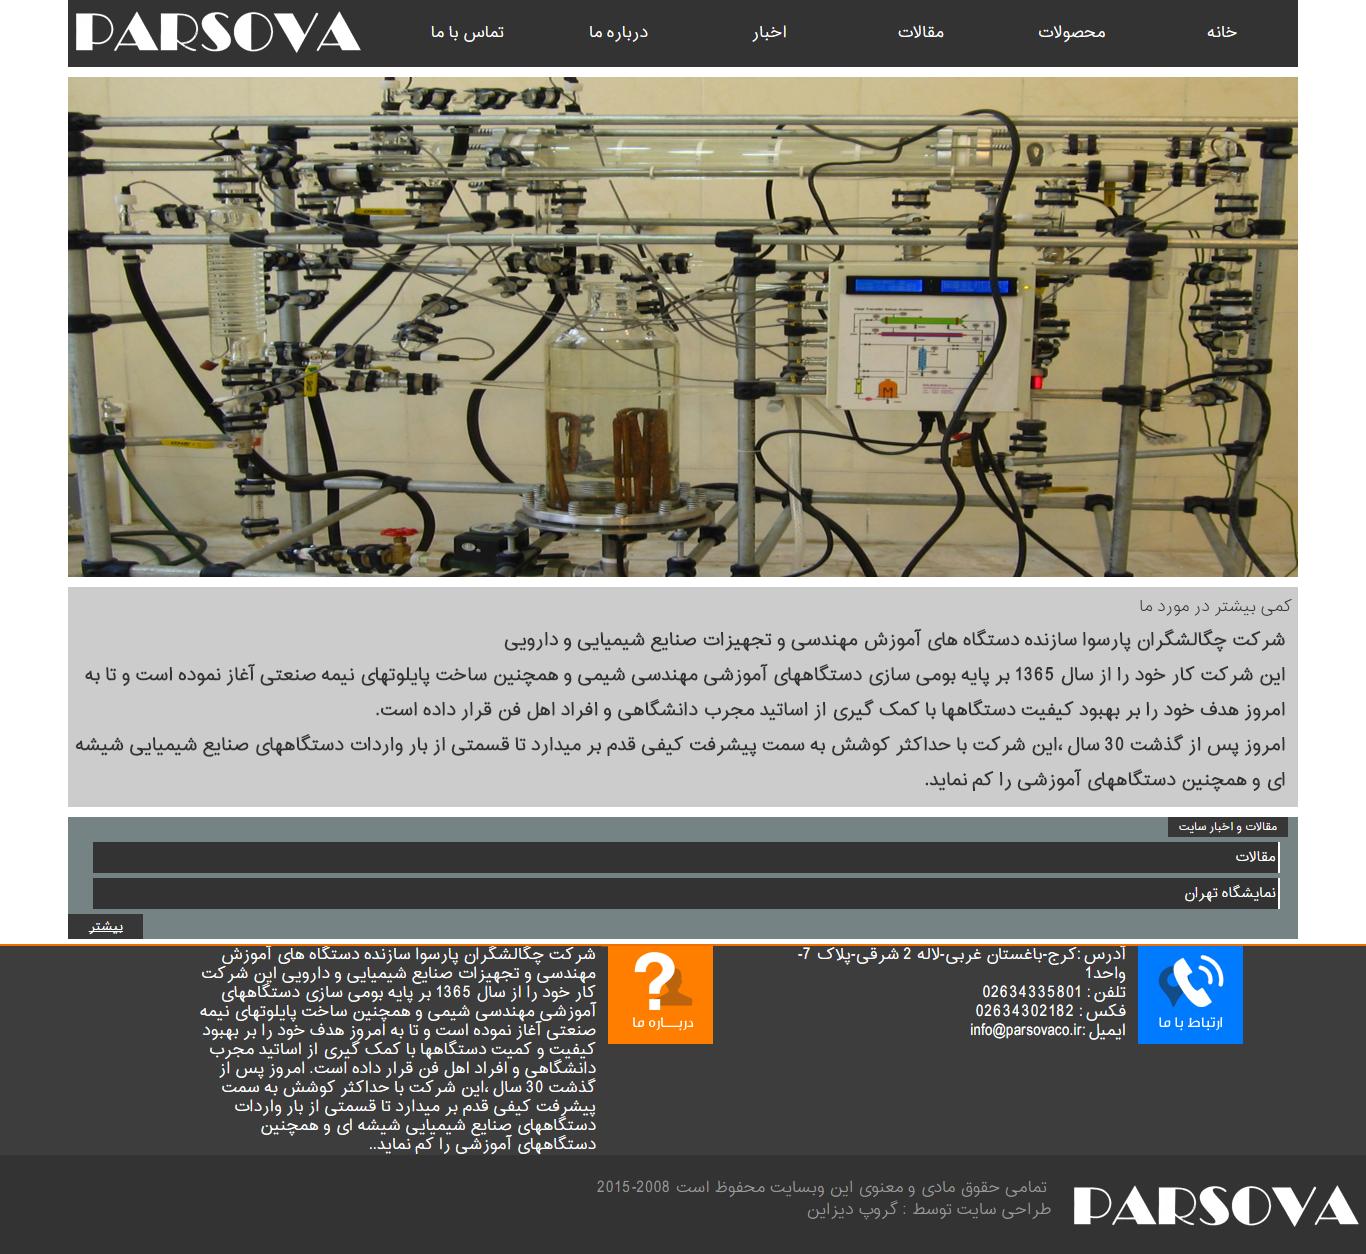 طراحی سایت آزمایشگاهی پارسوا